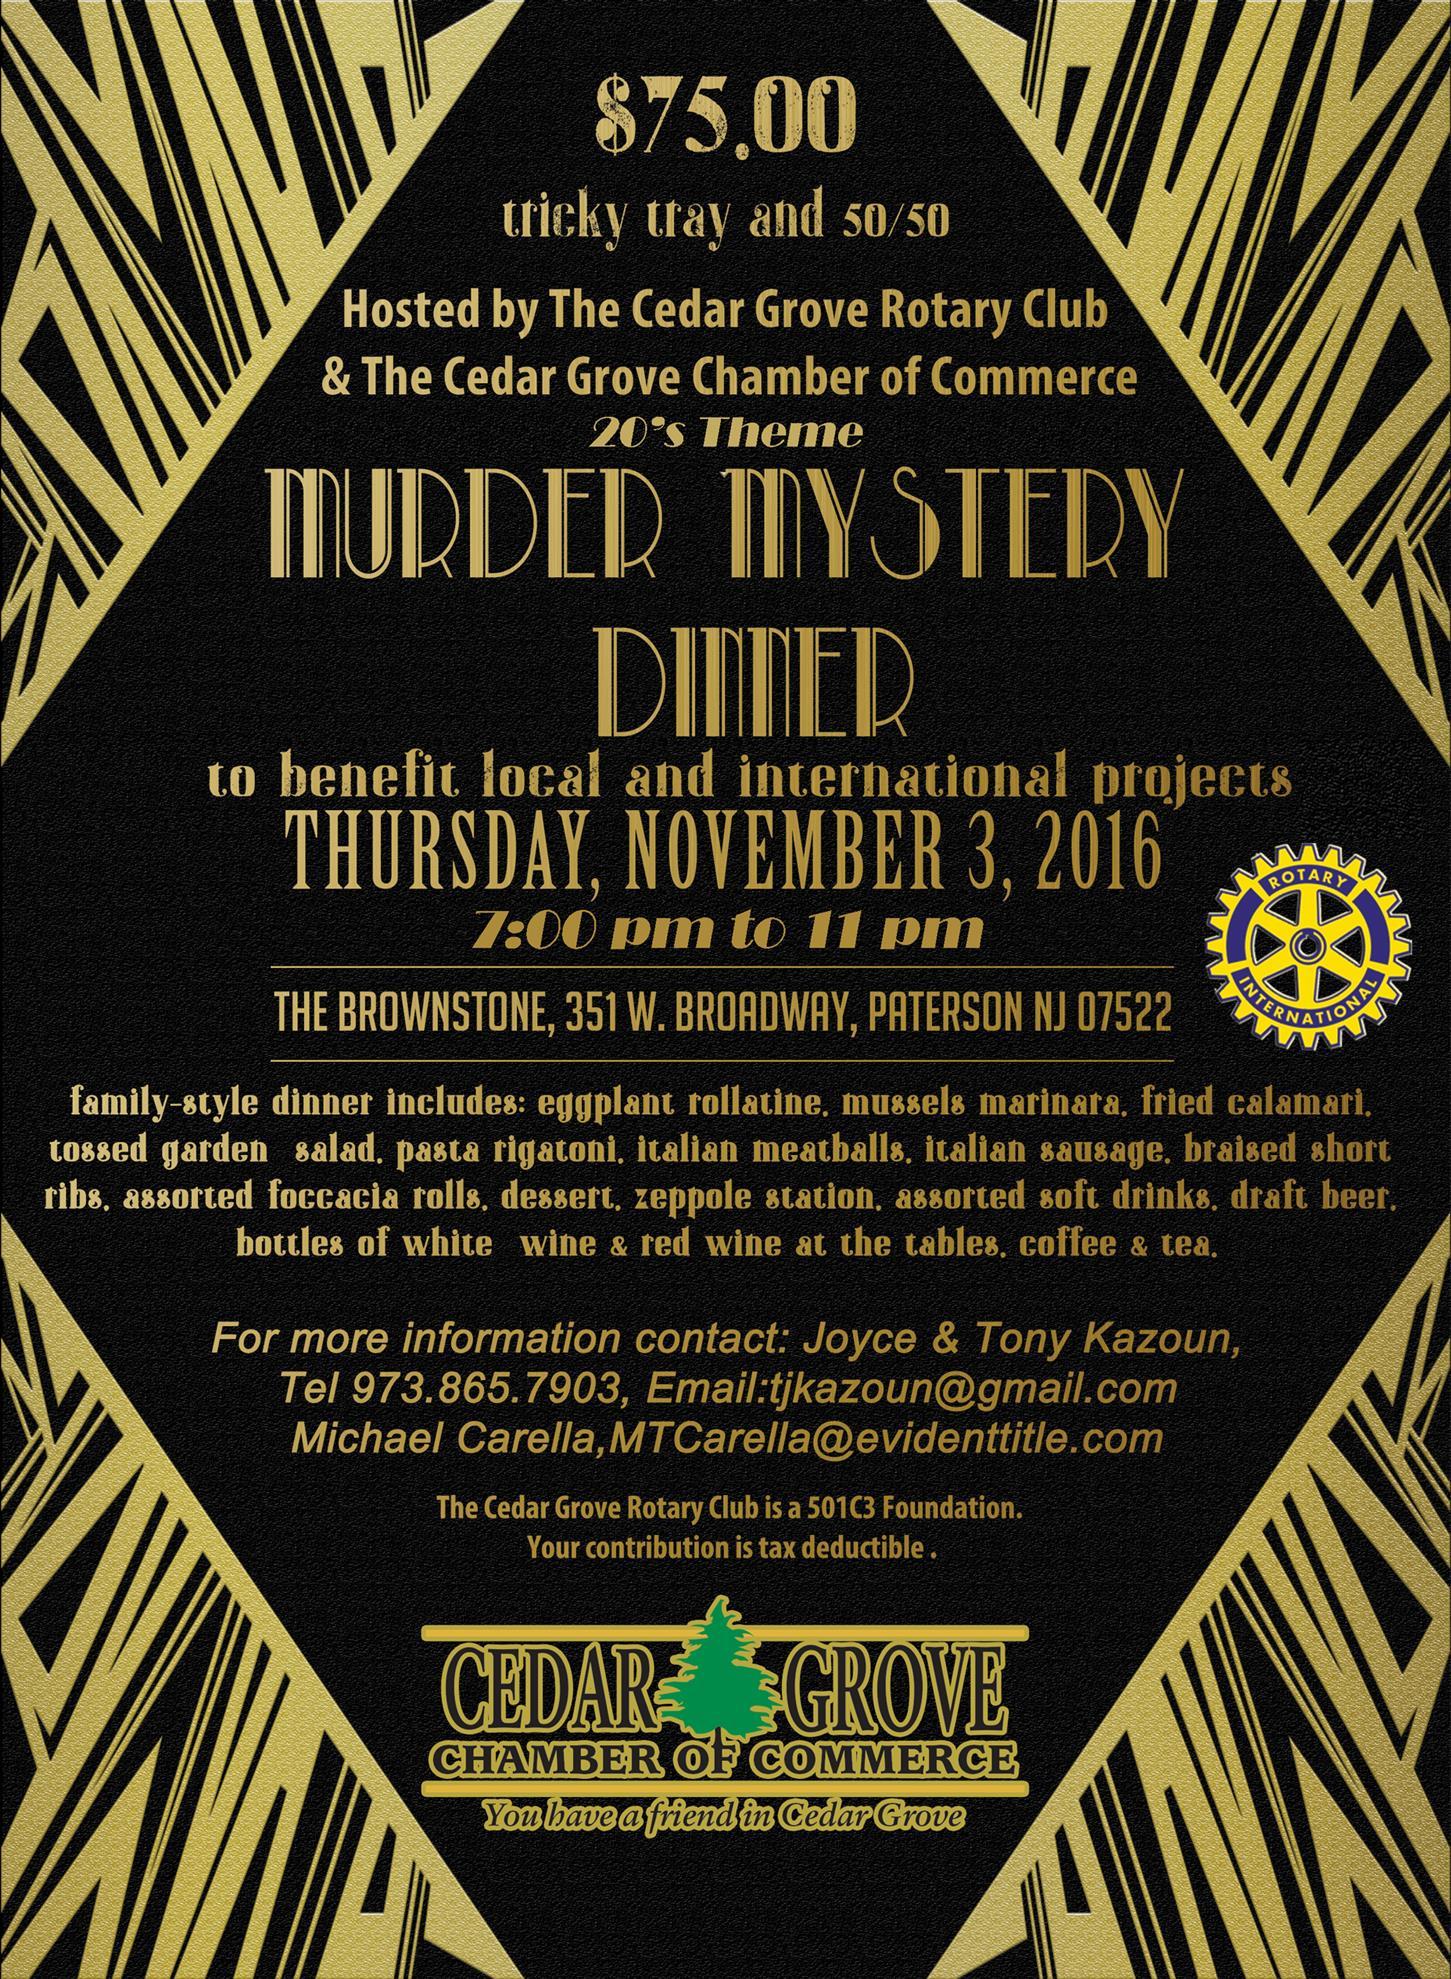 Murder Mystery Dinner Fundraiser   Cedar Grove Rotary Club